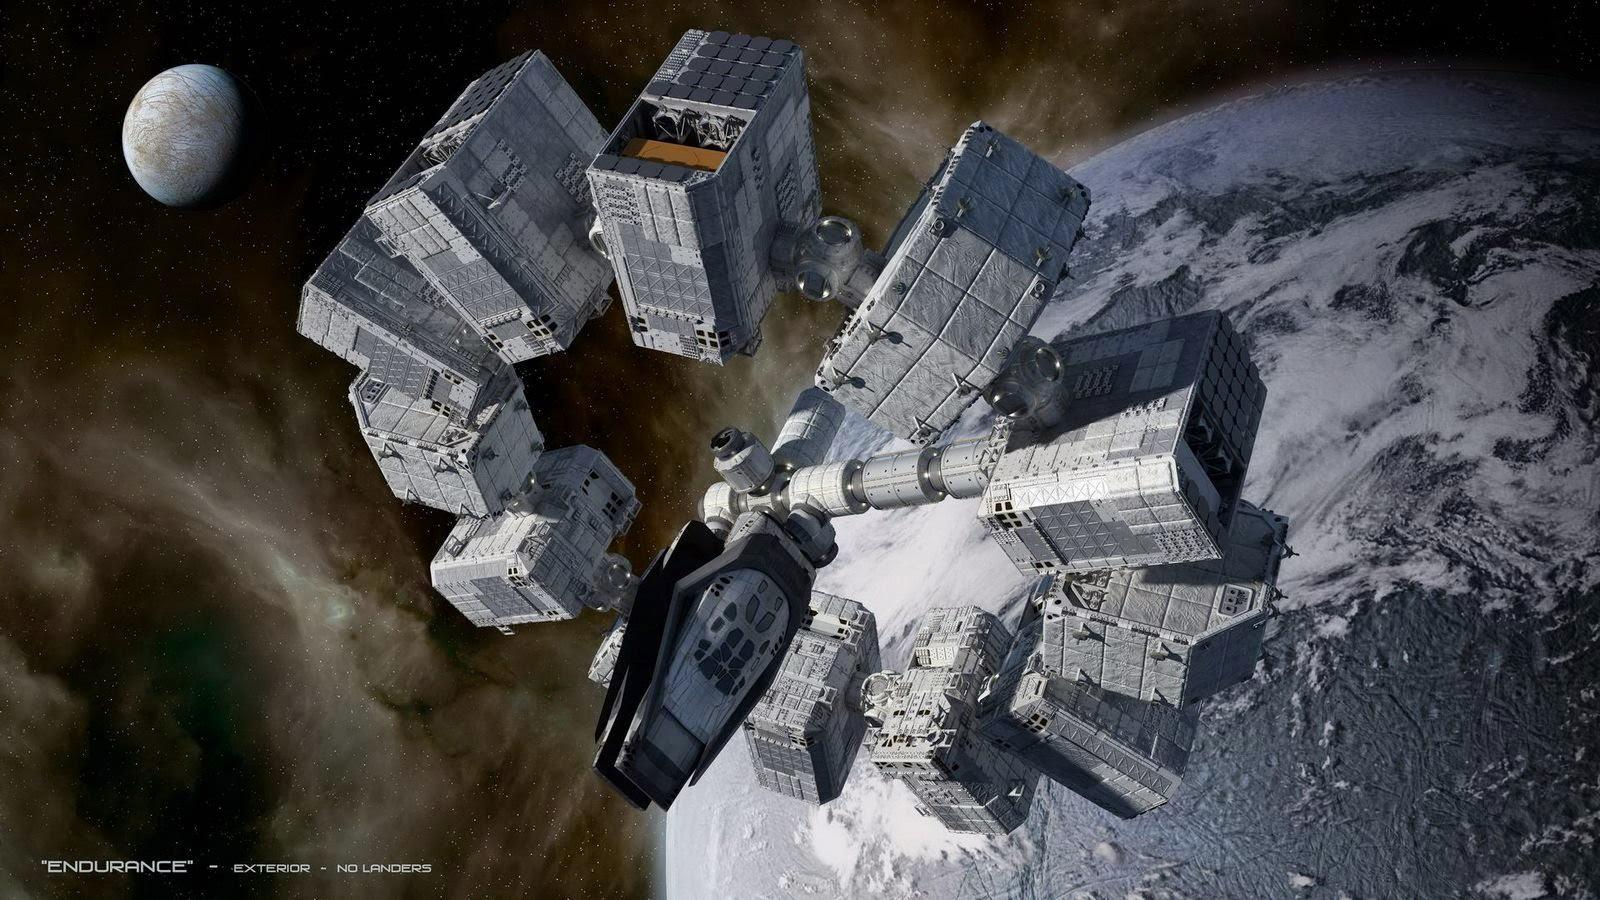 Interstellar-concept-art-by-Steve-Burg_0